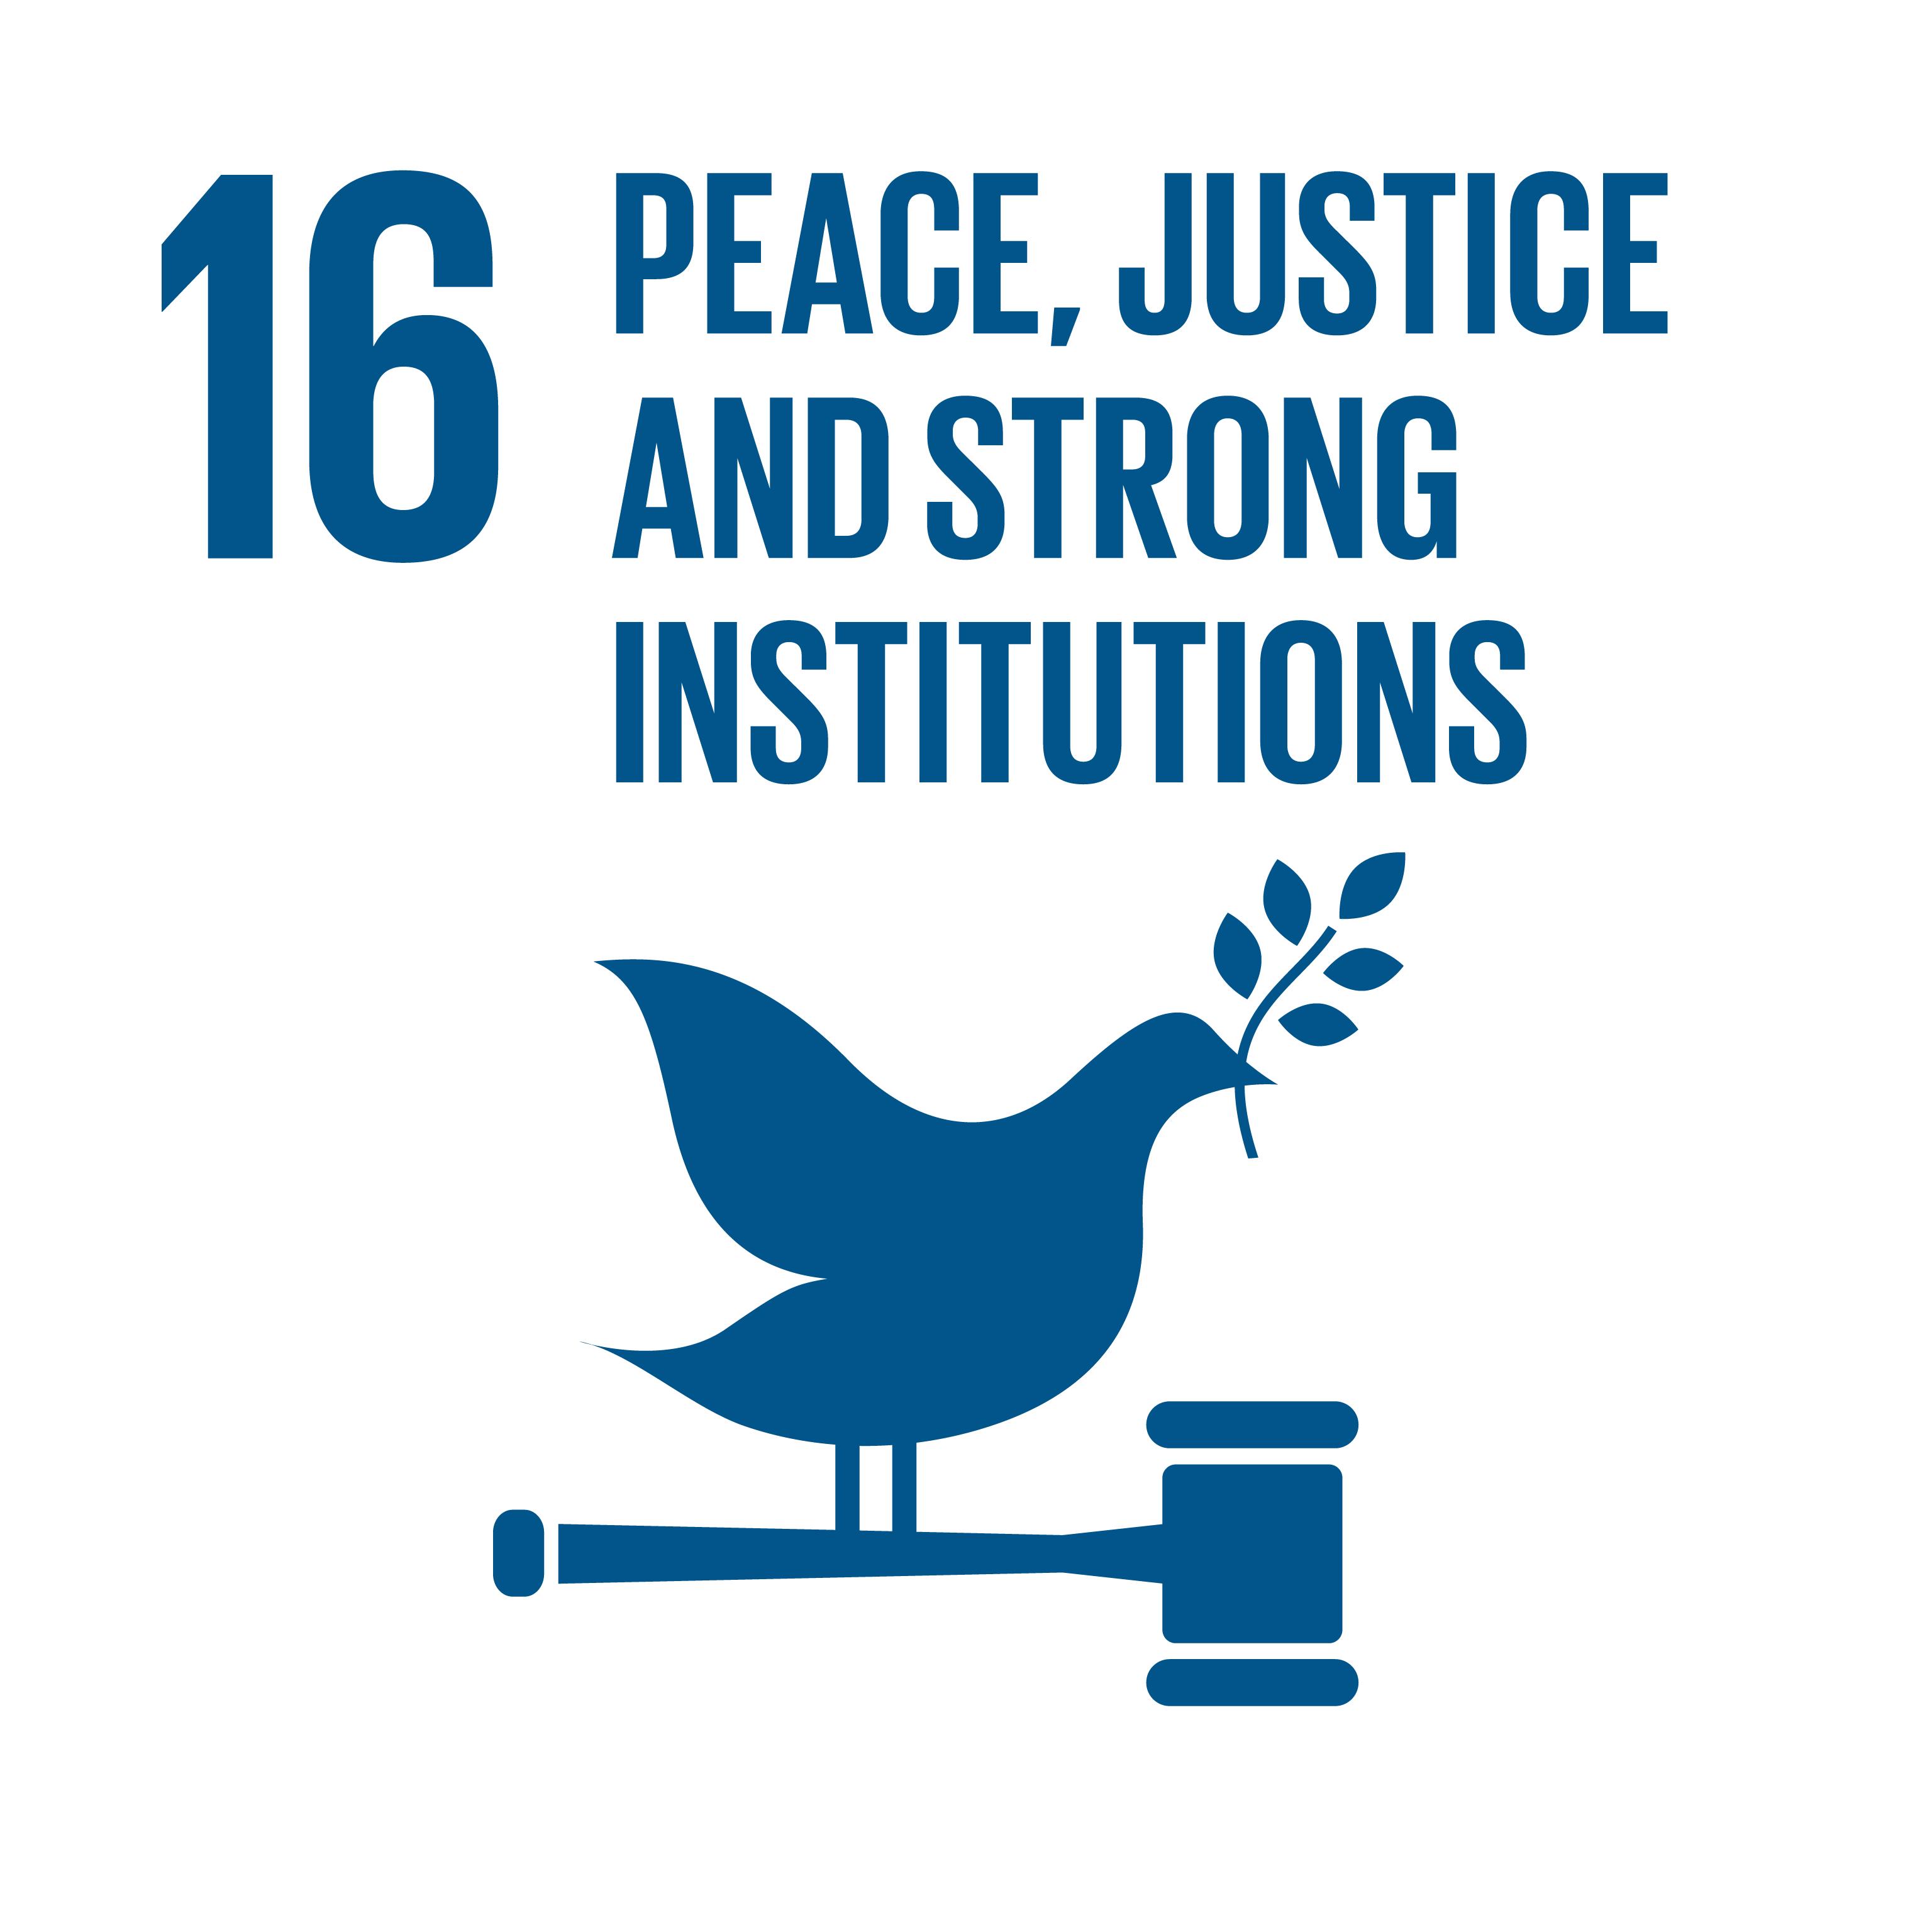 Image SDG 16; © UN